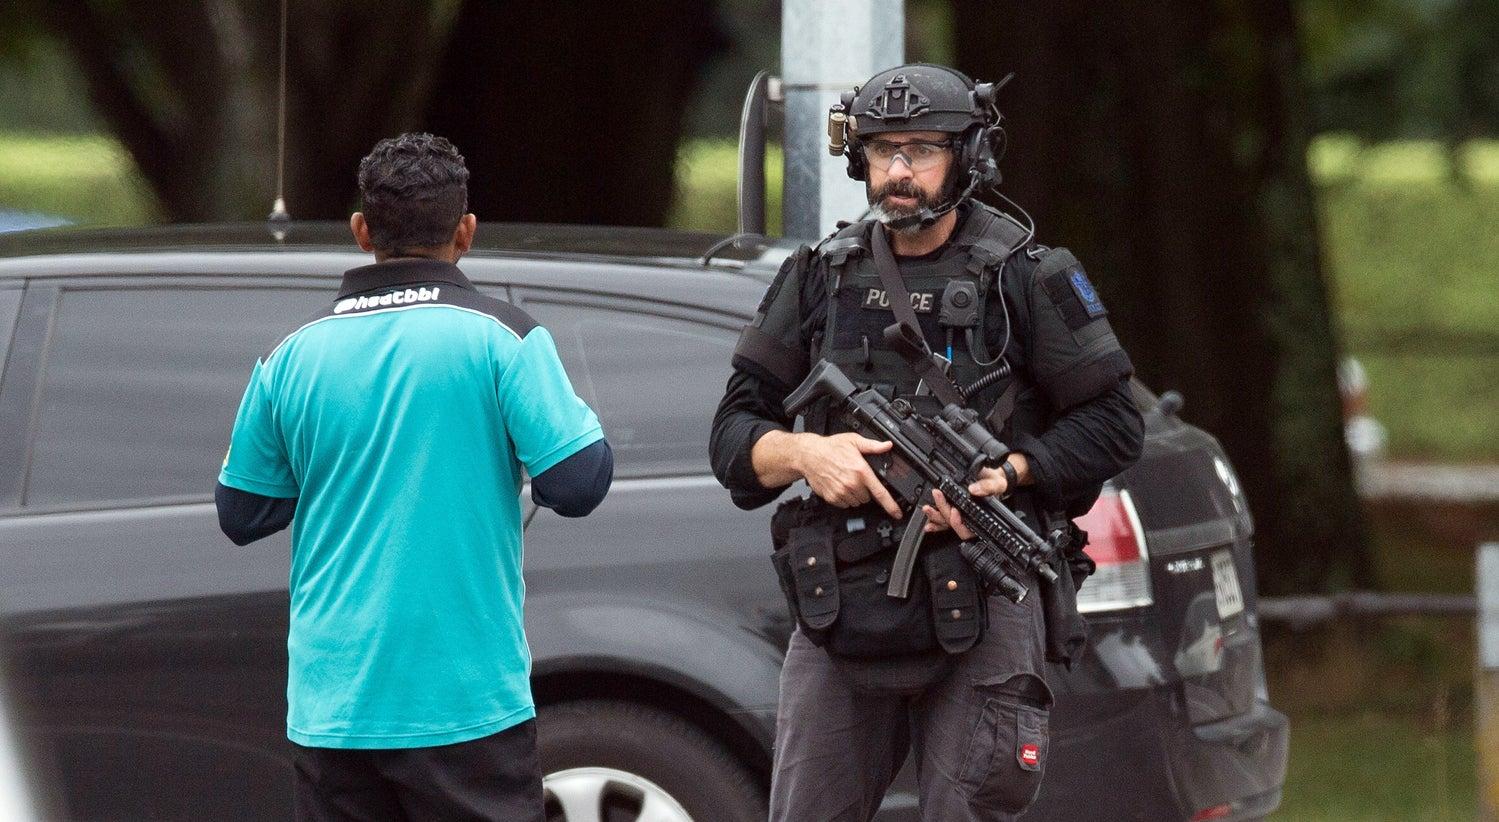 Atentado Na Nova Zelandia: Dezenas De Mortos Em Ataque A Mesquitas Na Nova Zelândia